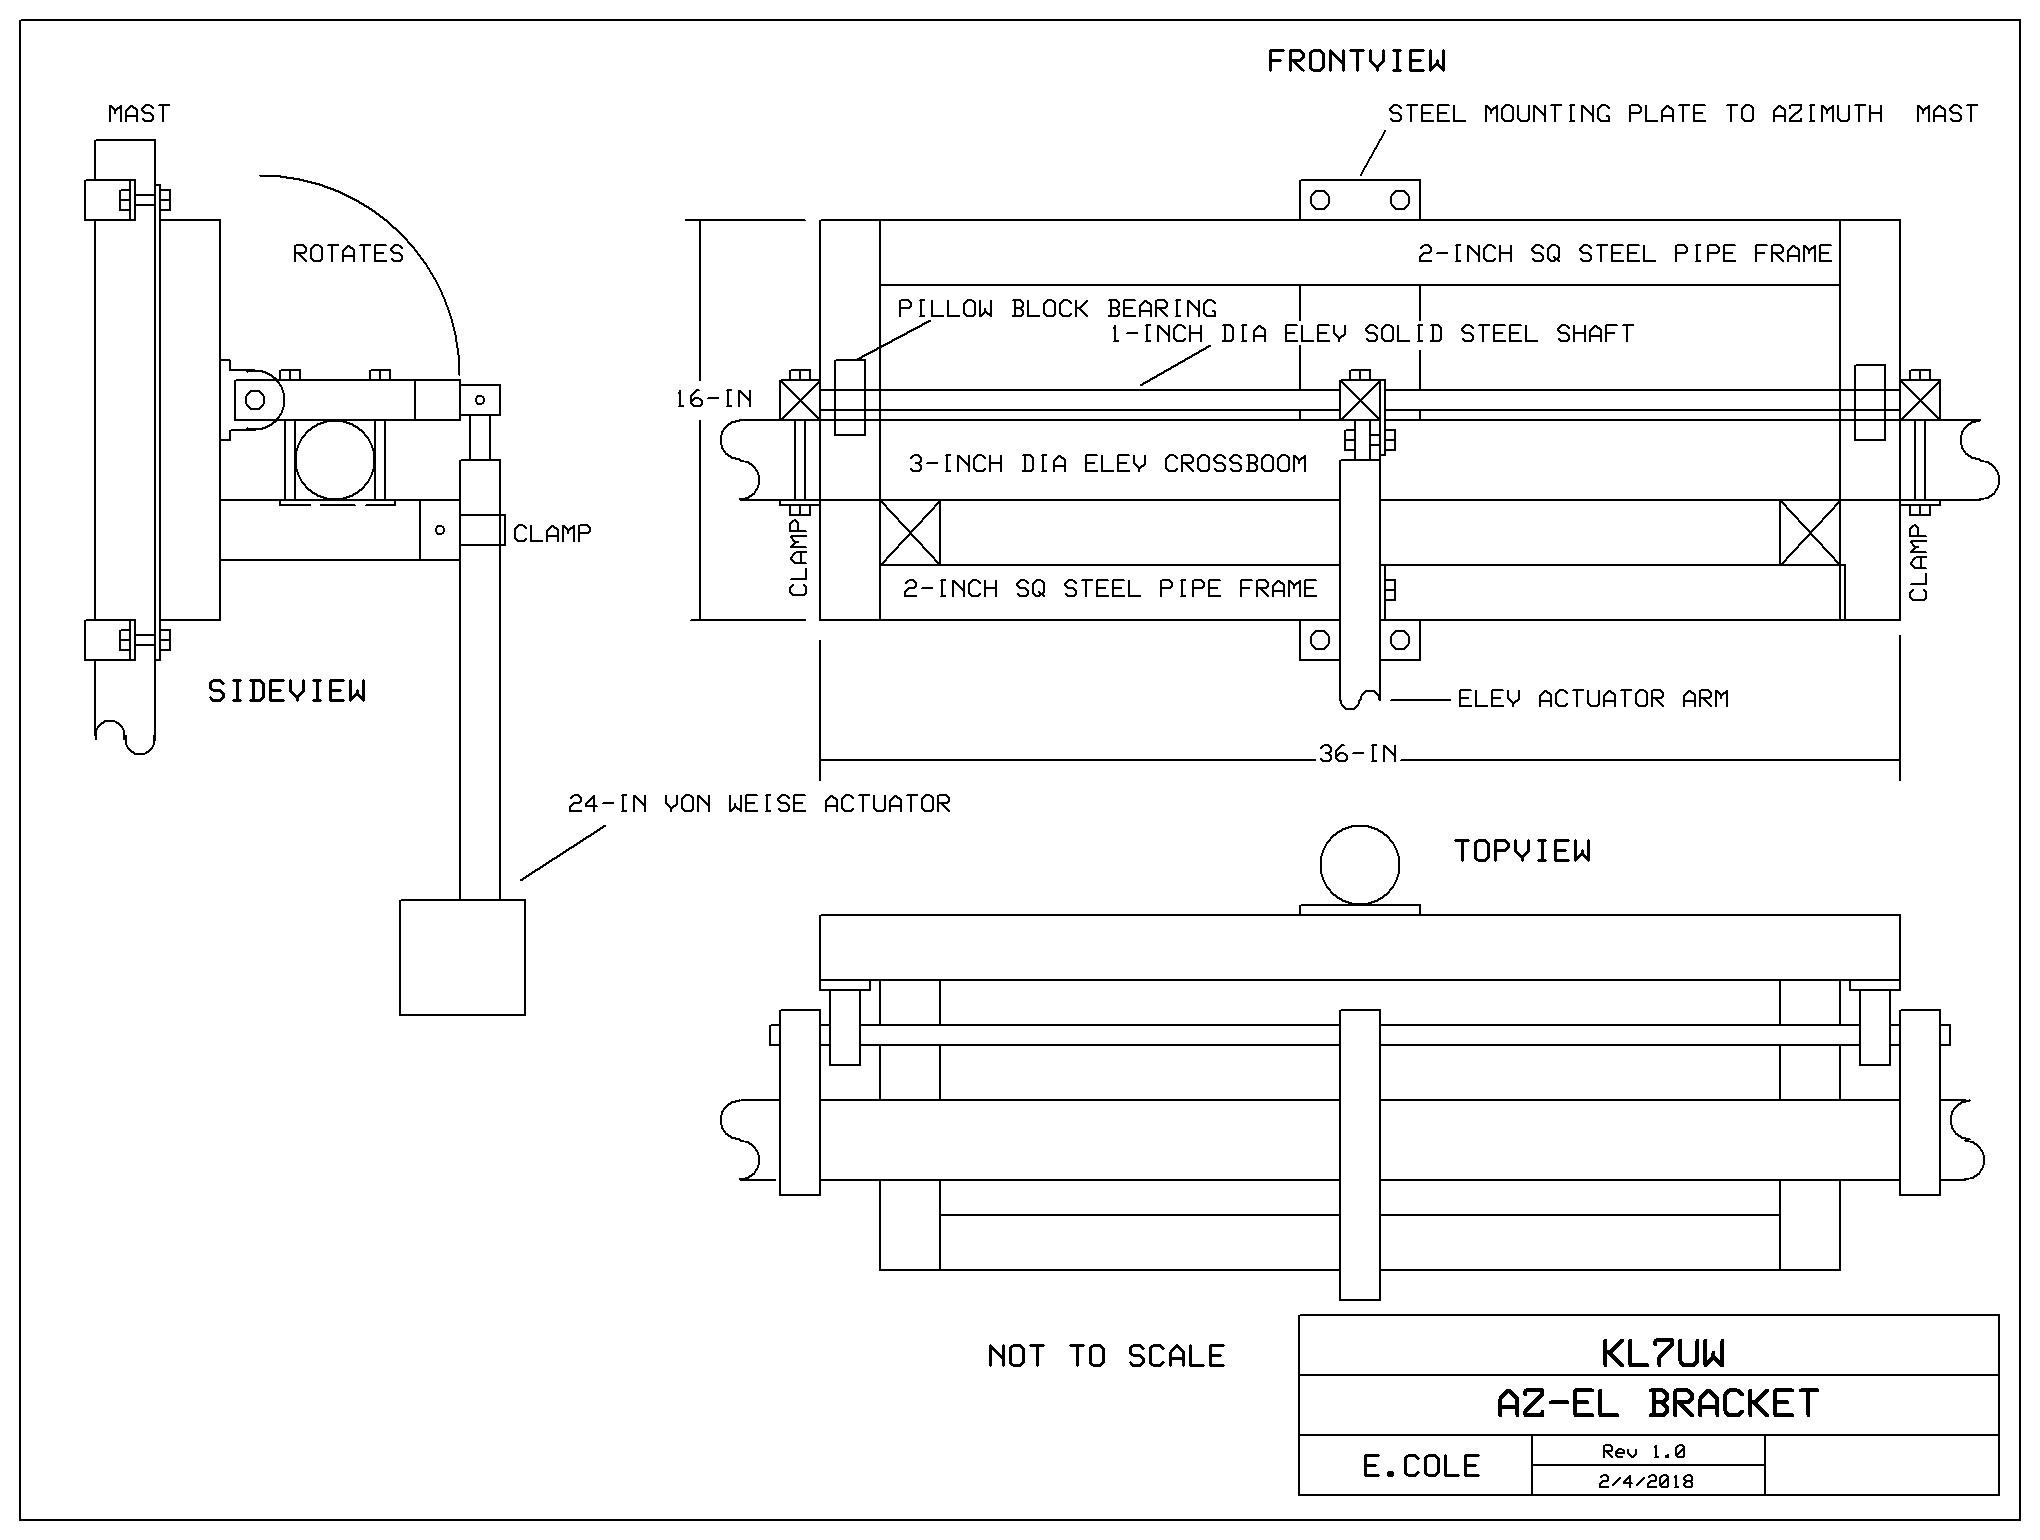 XA_3717] Channel Master Rotor Wiring Diagram Download DiagramPical Isop Benkeme Mohammedshrine Librar Wiring 101